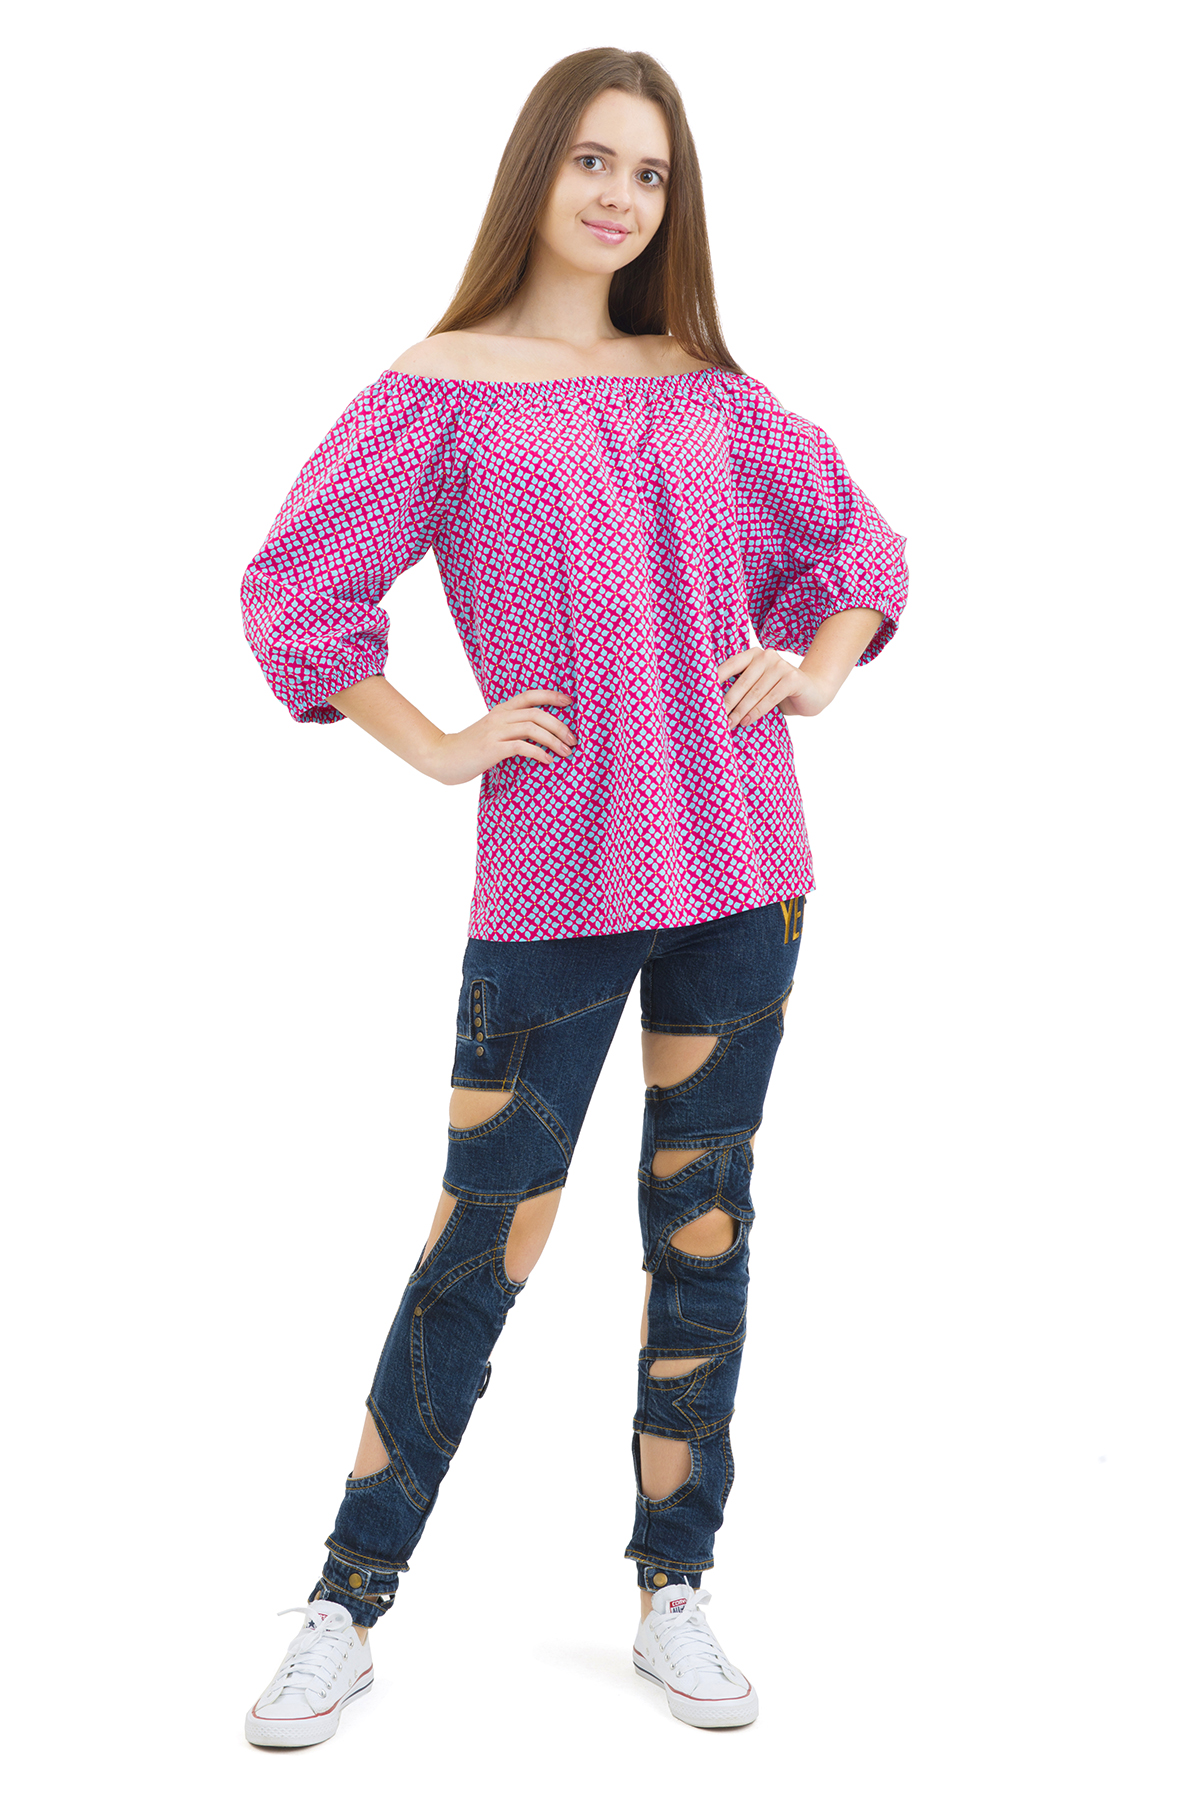 БлузаЖенские блузки<br>Эффектная блузка Doctor E элегантного лаконичного дизайна. Модель выполнена из легкого натурального материала. Восхитительное дополнение к Вашему повседневному гардеробу.<br><br>Цвет: красный,голубой<br>Состав: 100% хлопок<br>Размер: 40,42,44,46,48,50,52,54,56,58,60<br>Страна дизайна: Россия<br>Страна производства: Россия